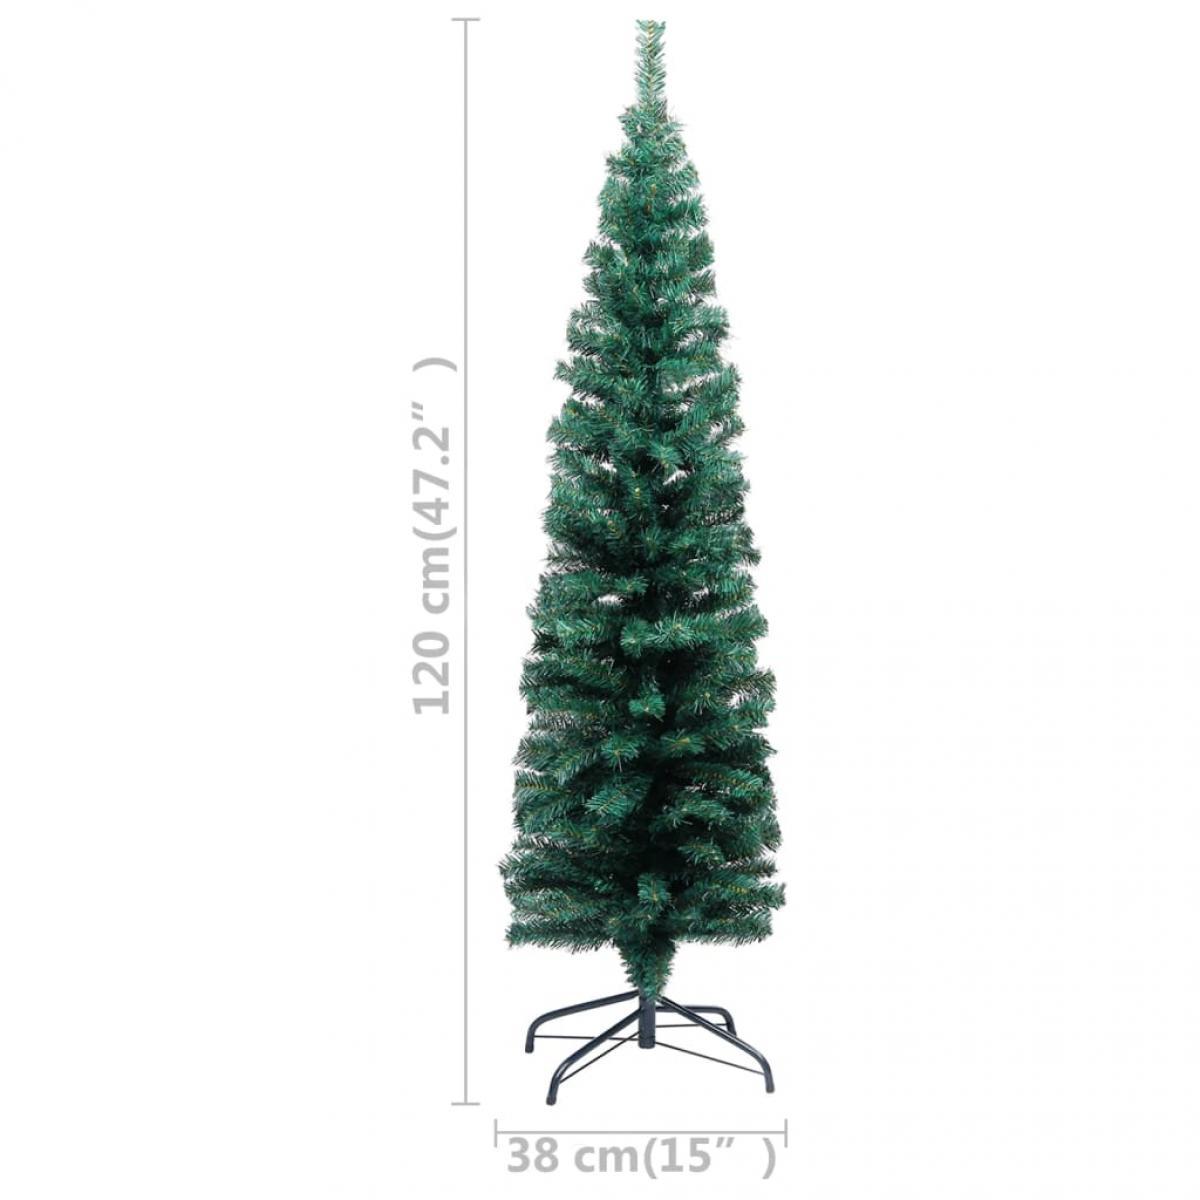 Árbol de Navidad artificial estrecho y soporte PVC verde 120 cm